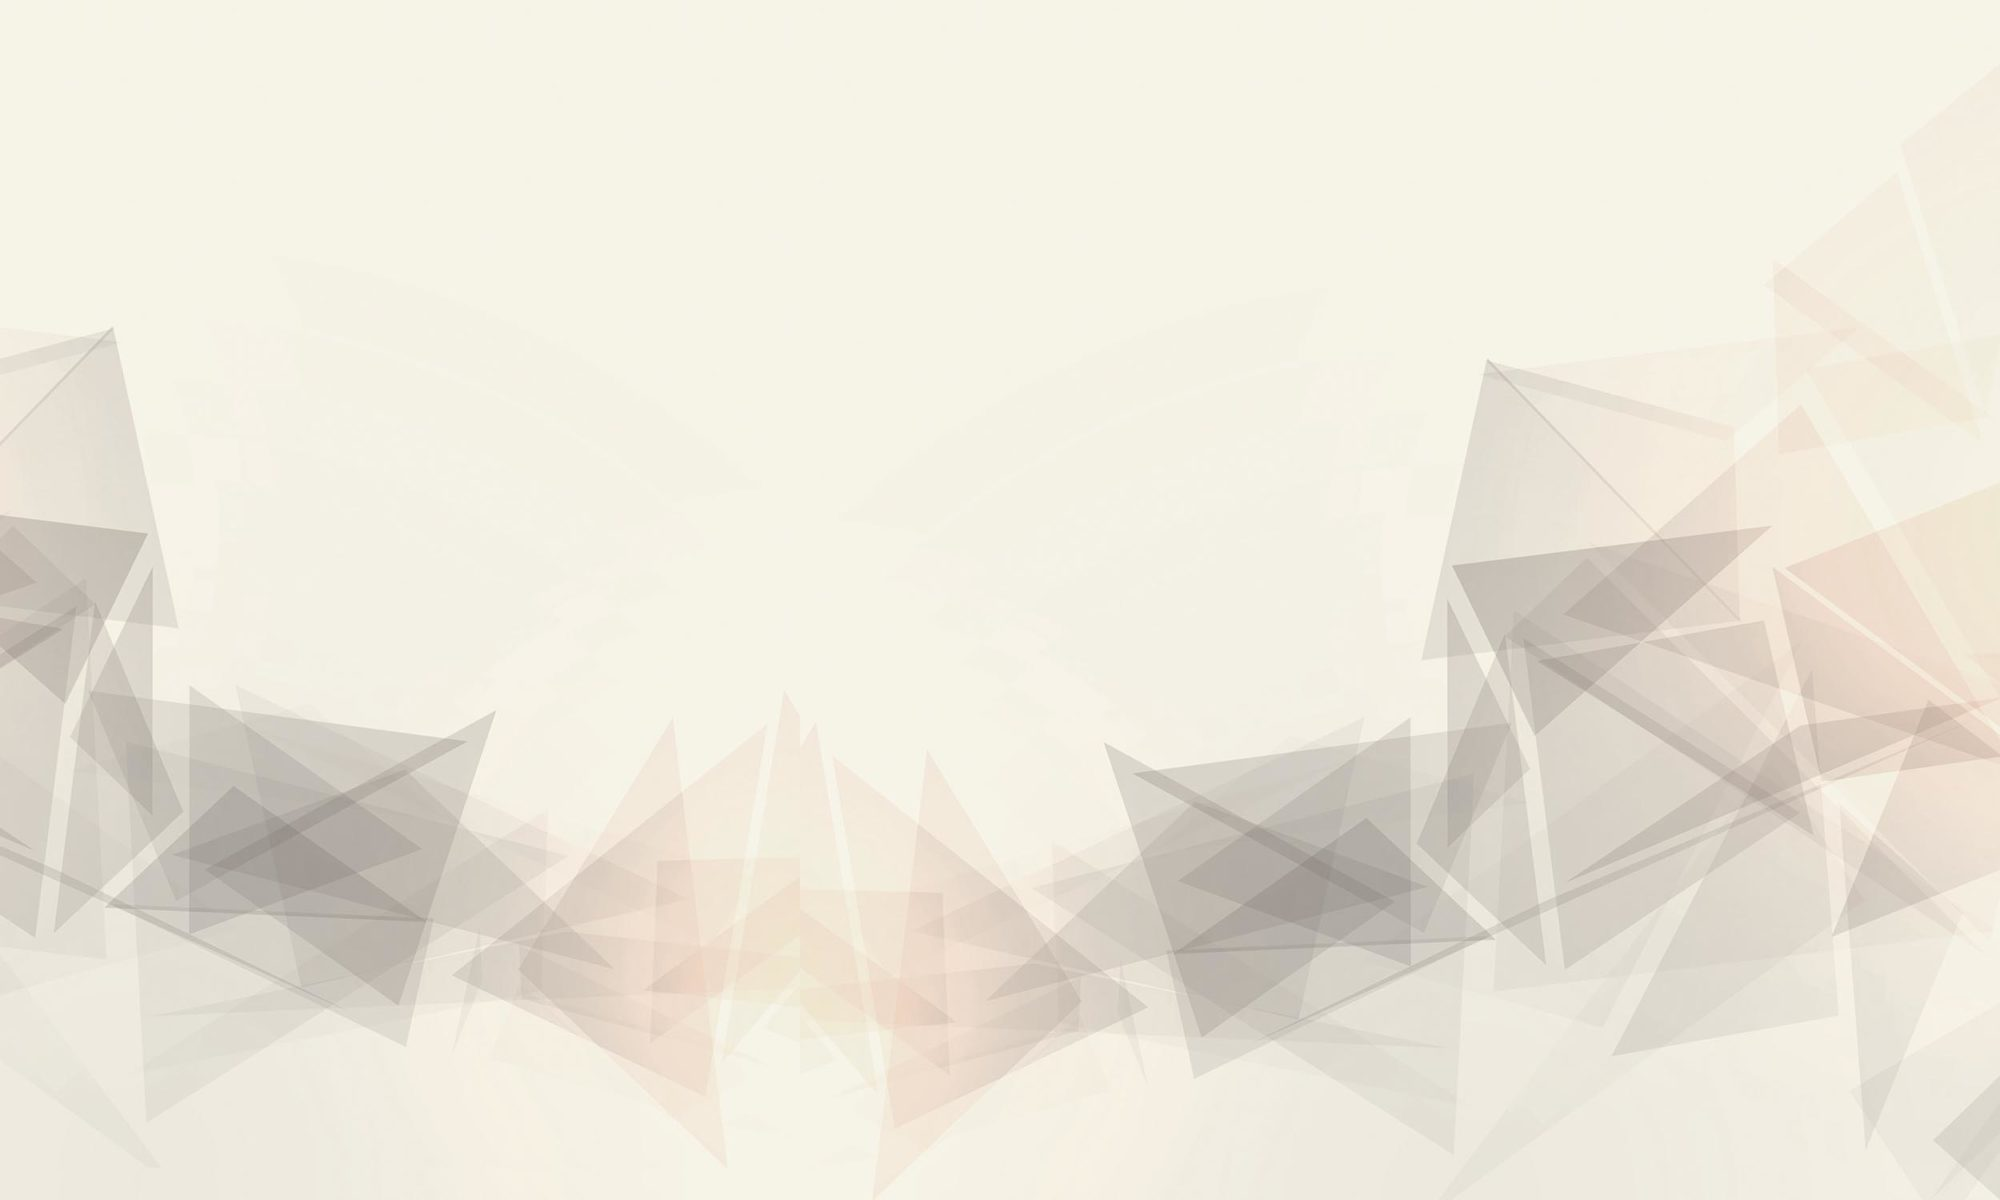 VOUIS STAR